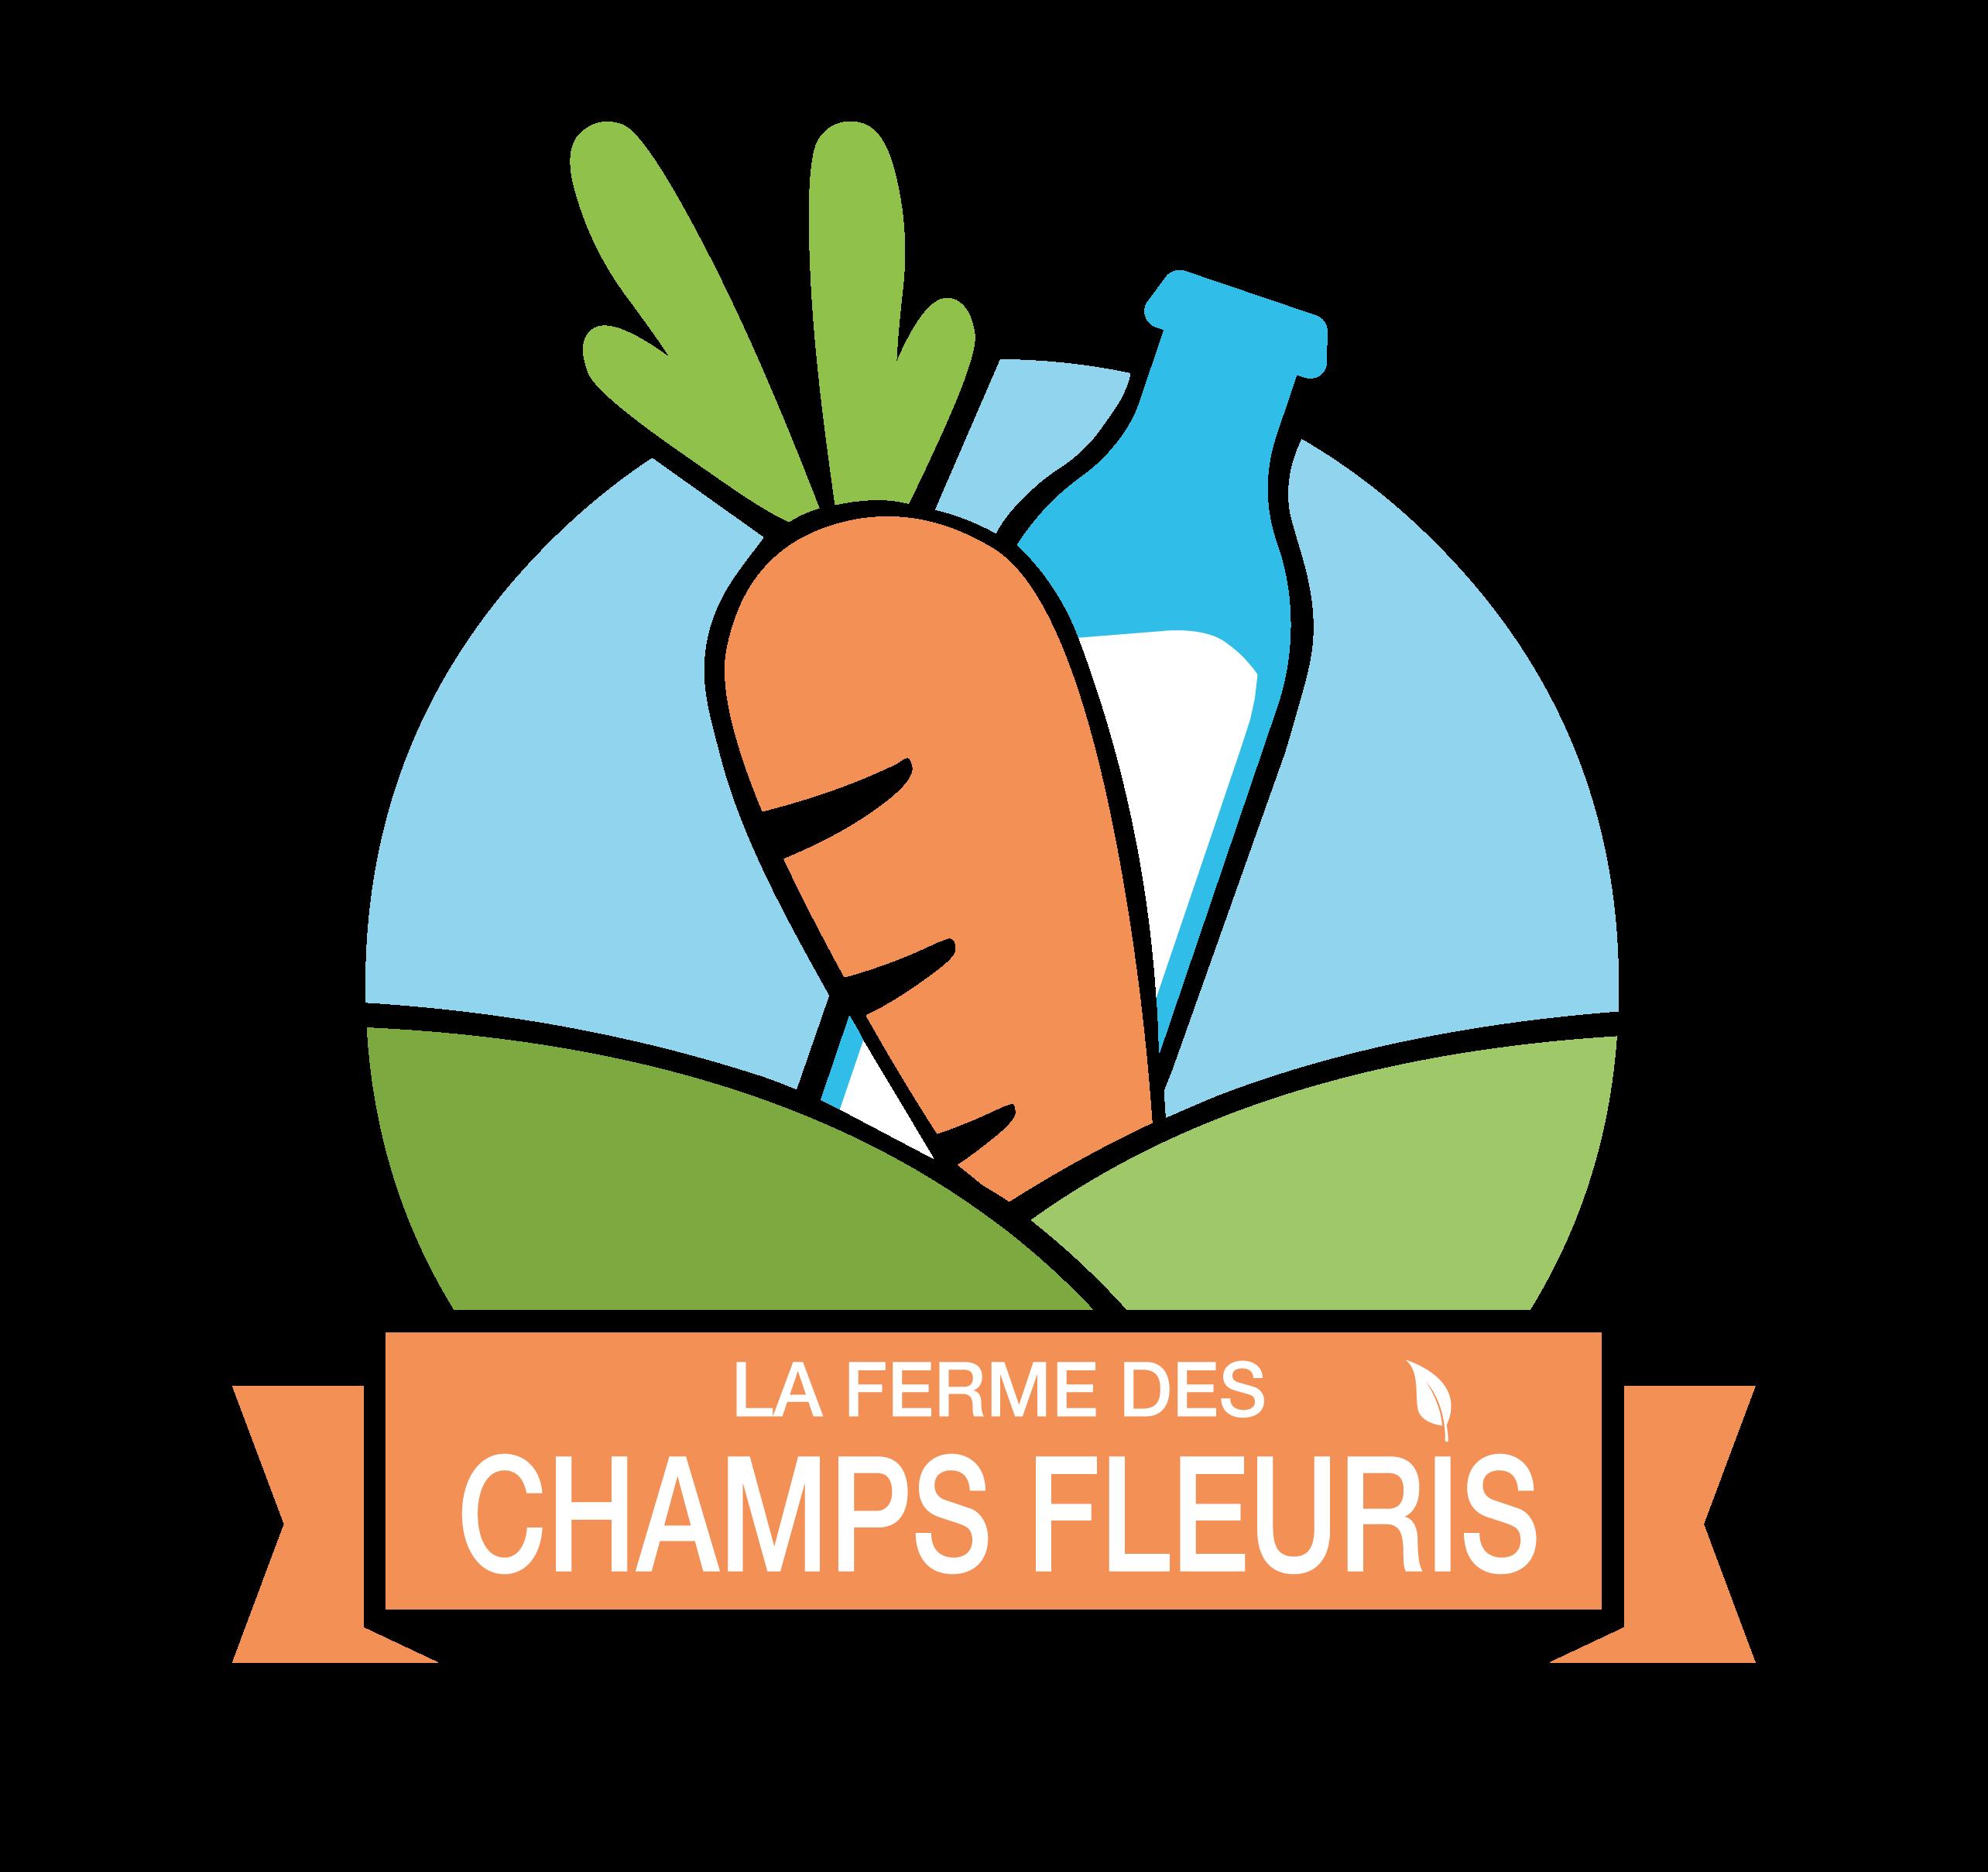 La Ferme des Champs Fleuris